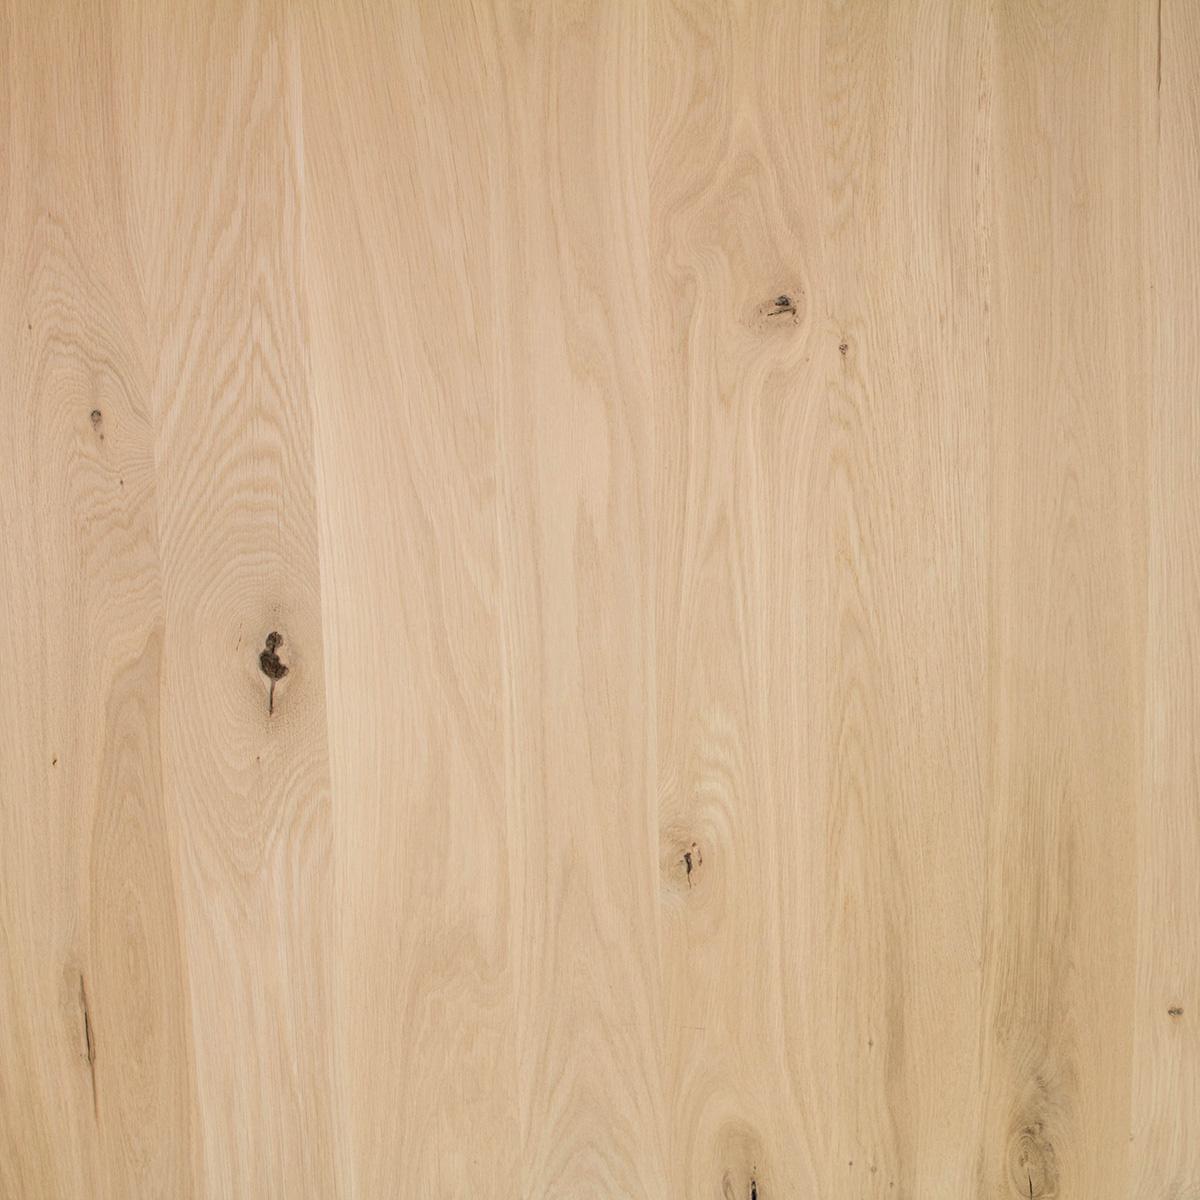 A Tischbeine Eiche (SET - 2 Stück) 12x12 cm - 85 cm breit - 72 cm hoch - Eichenholz Rustikal - Massive A Tischkufen - künstlich getrocknet HF 8-12%